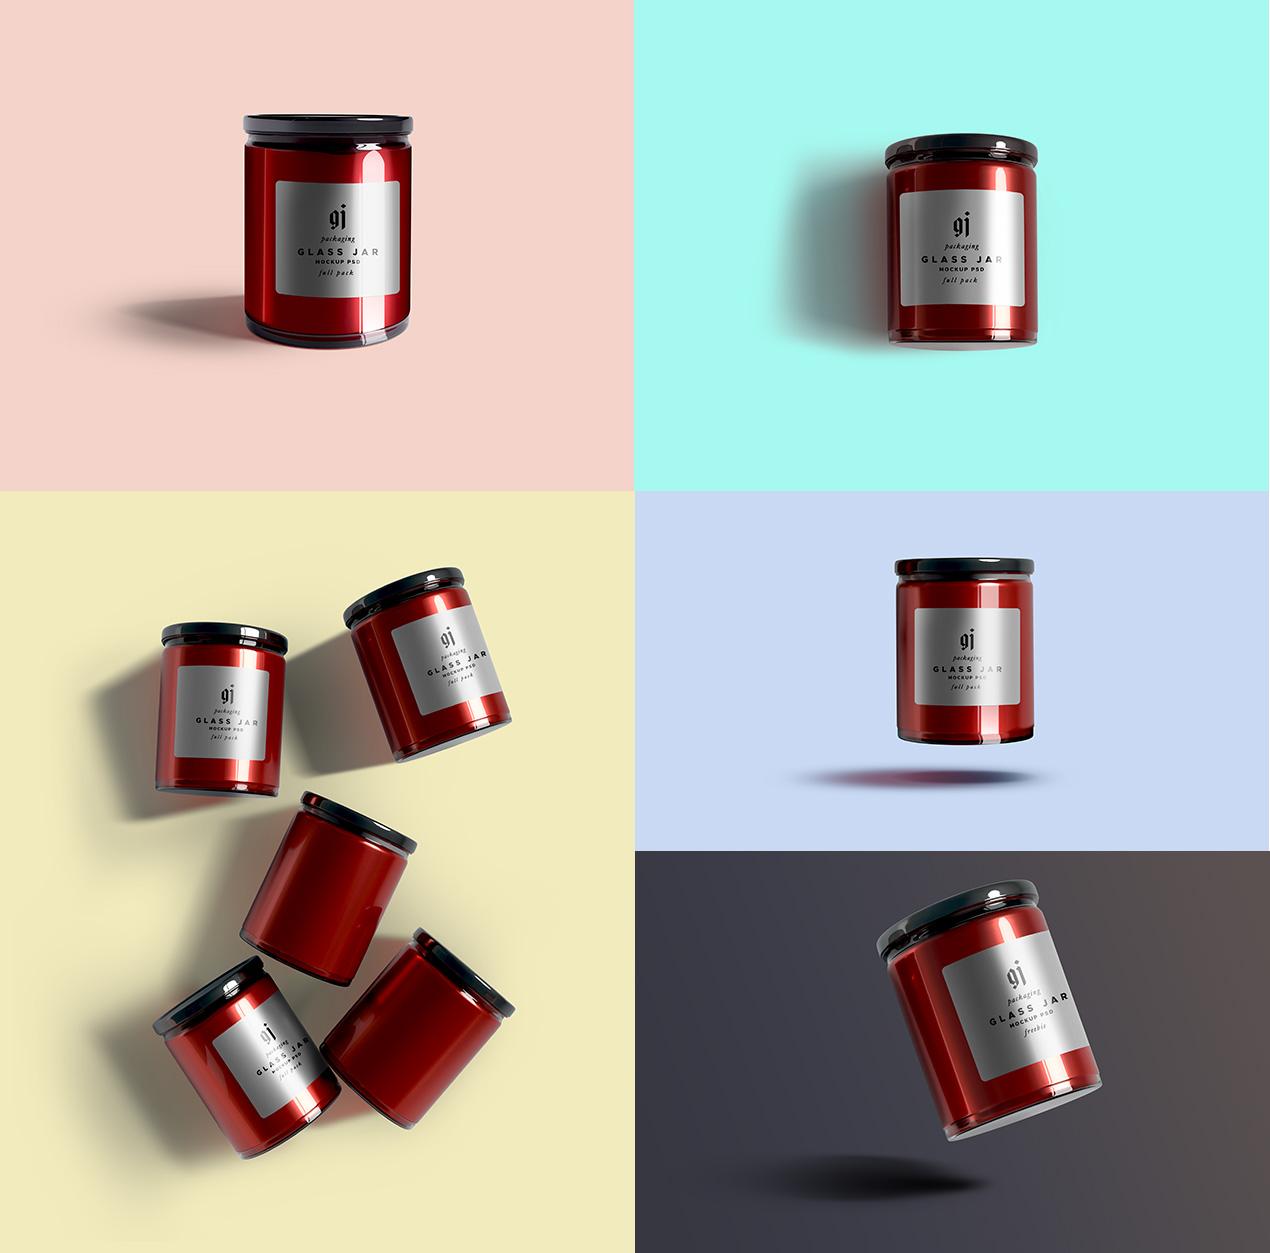 Glass Jar PSD mockups